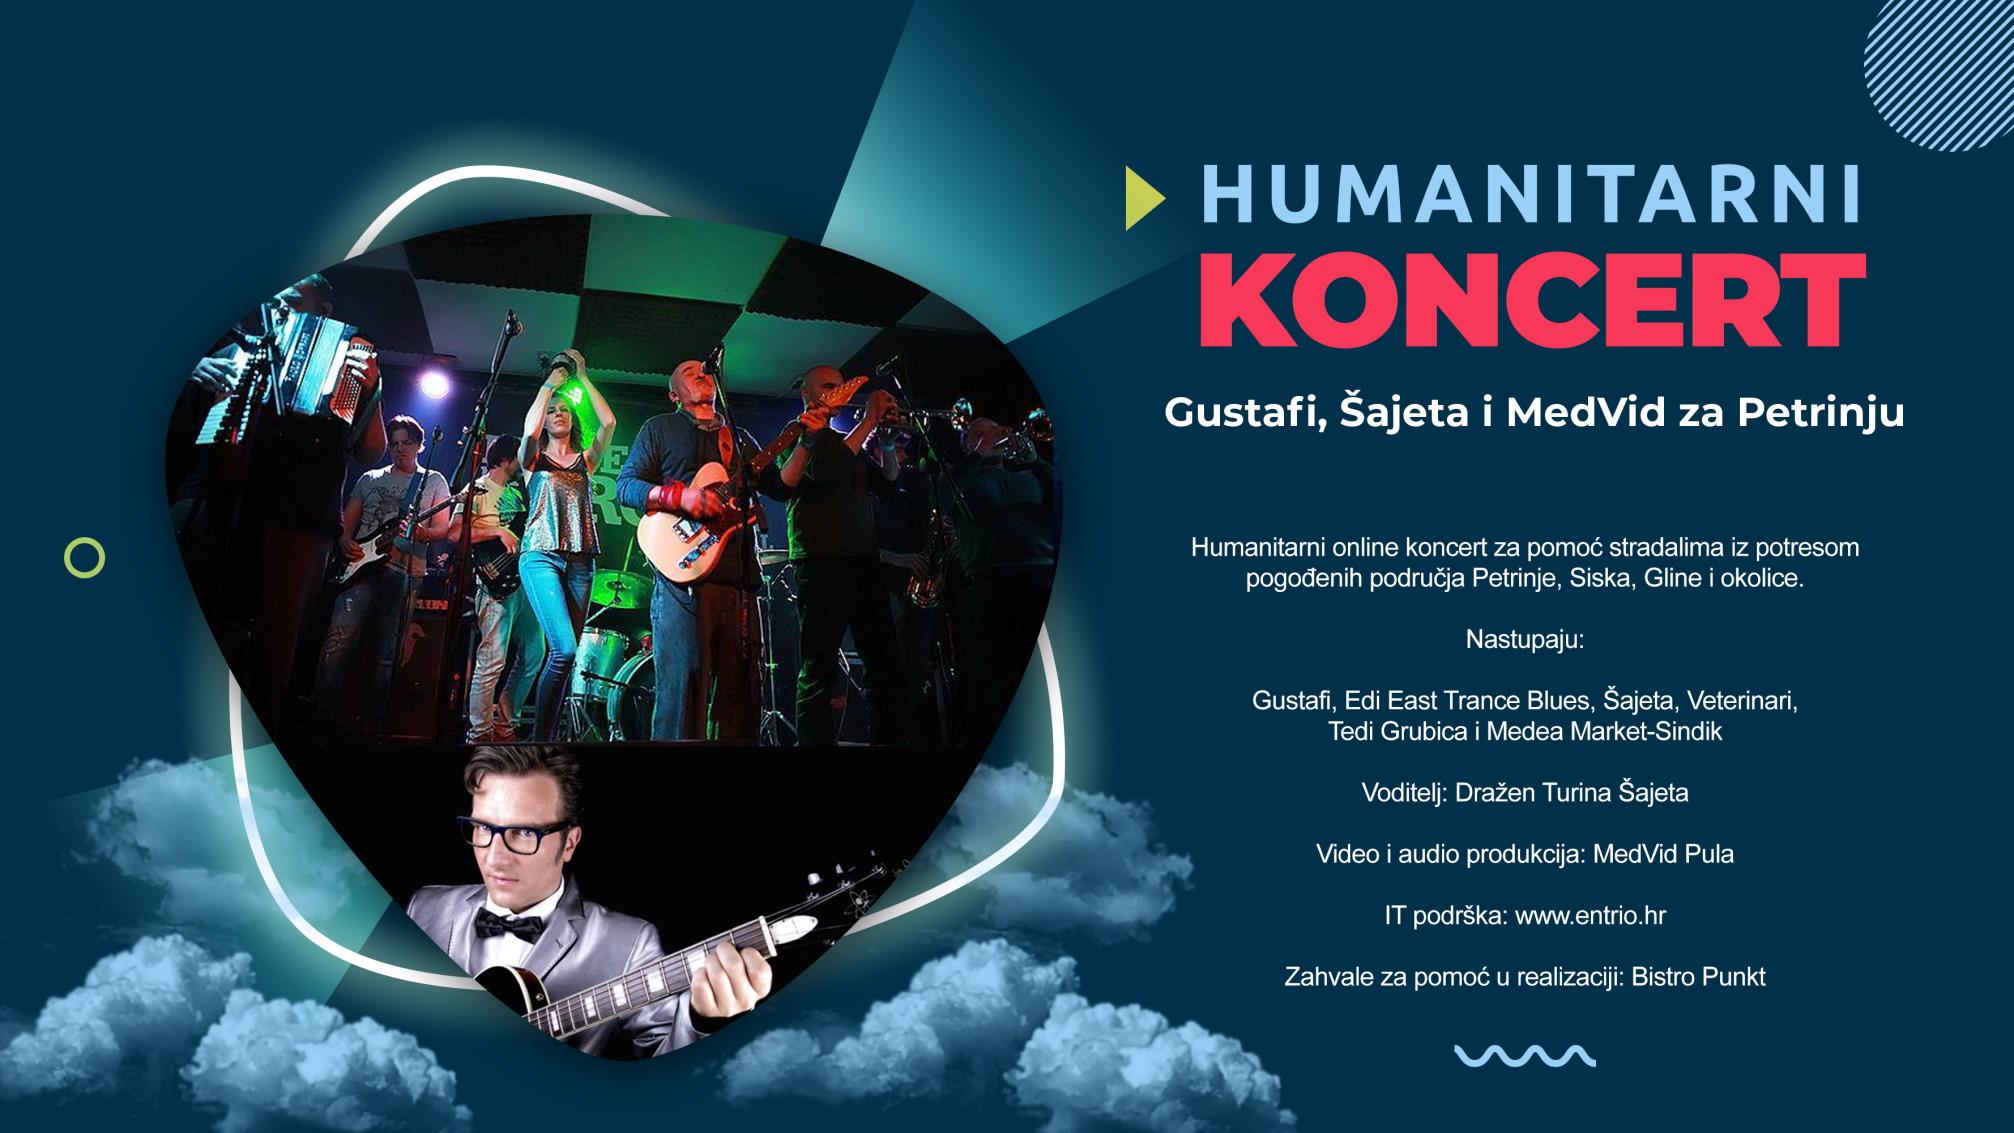 Gustafi, Šajeta i MedVid za Petrinju - online koncert za pomoć potresom pogođenim područjima